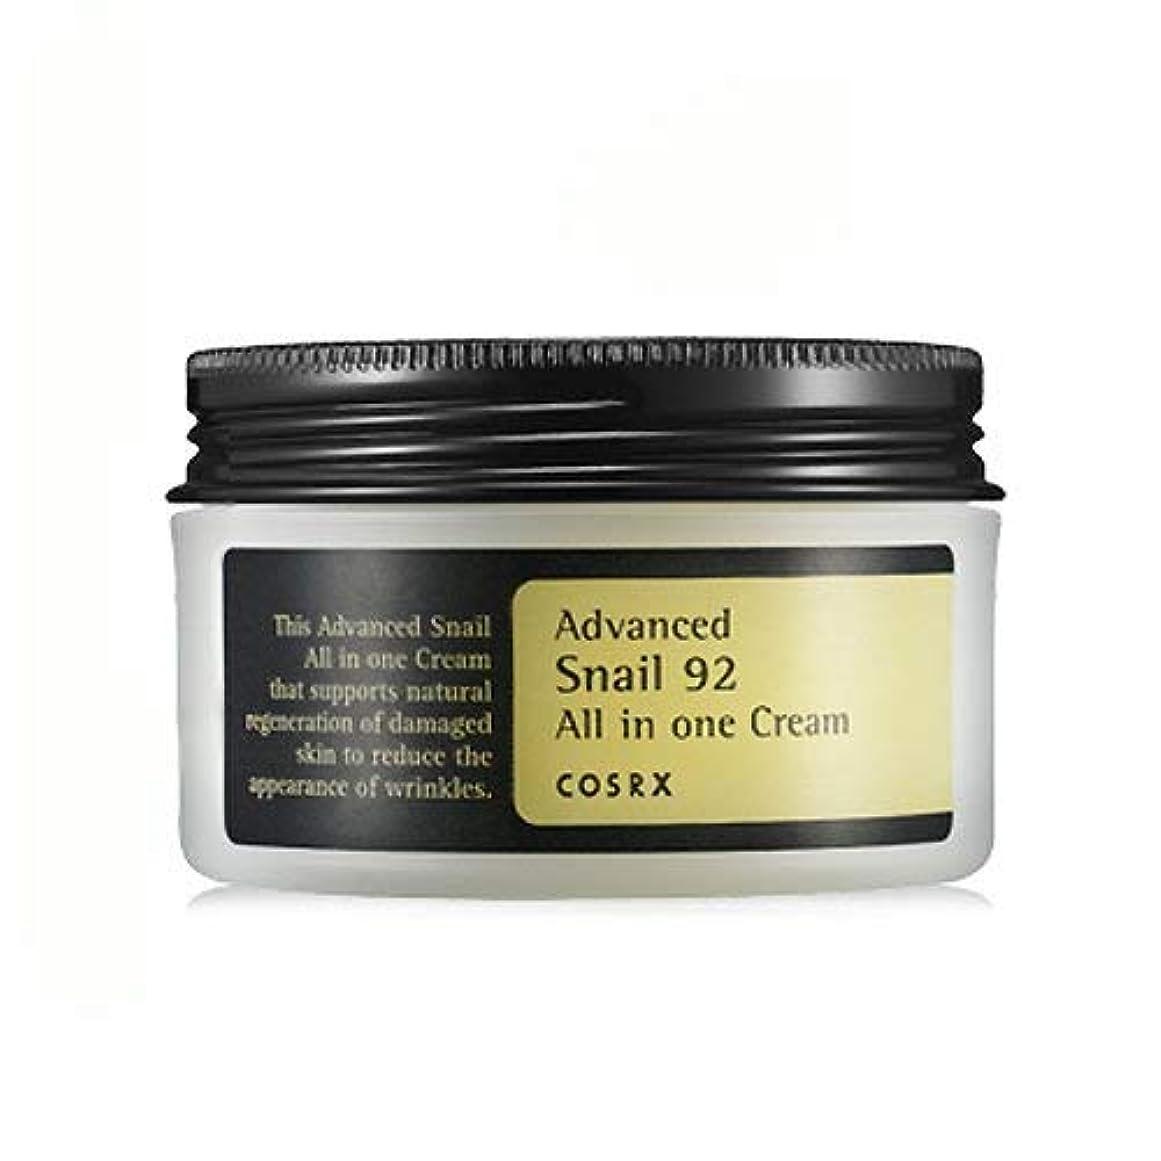 ビン欠陥後(3 Pack) COSRX Advanced Snail 92 All In One Cream (並行輸入品)